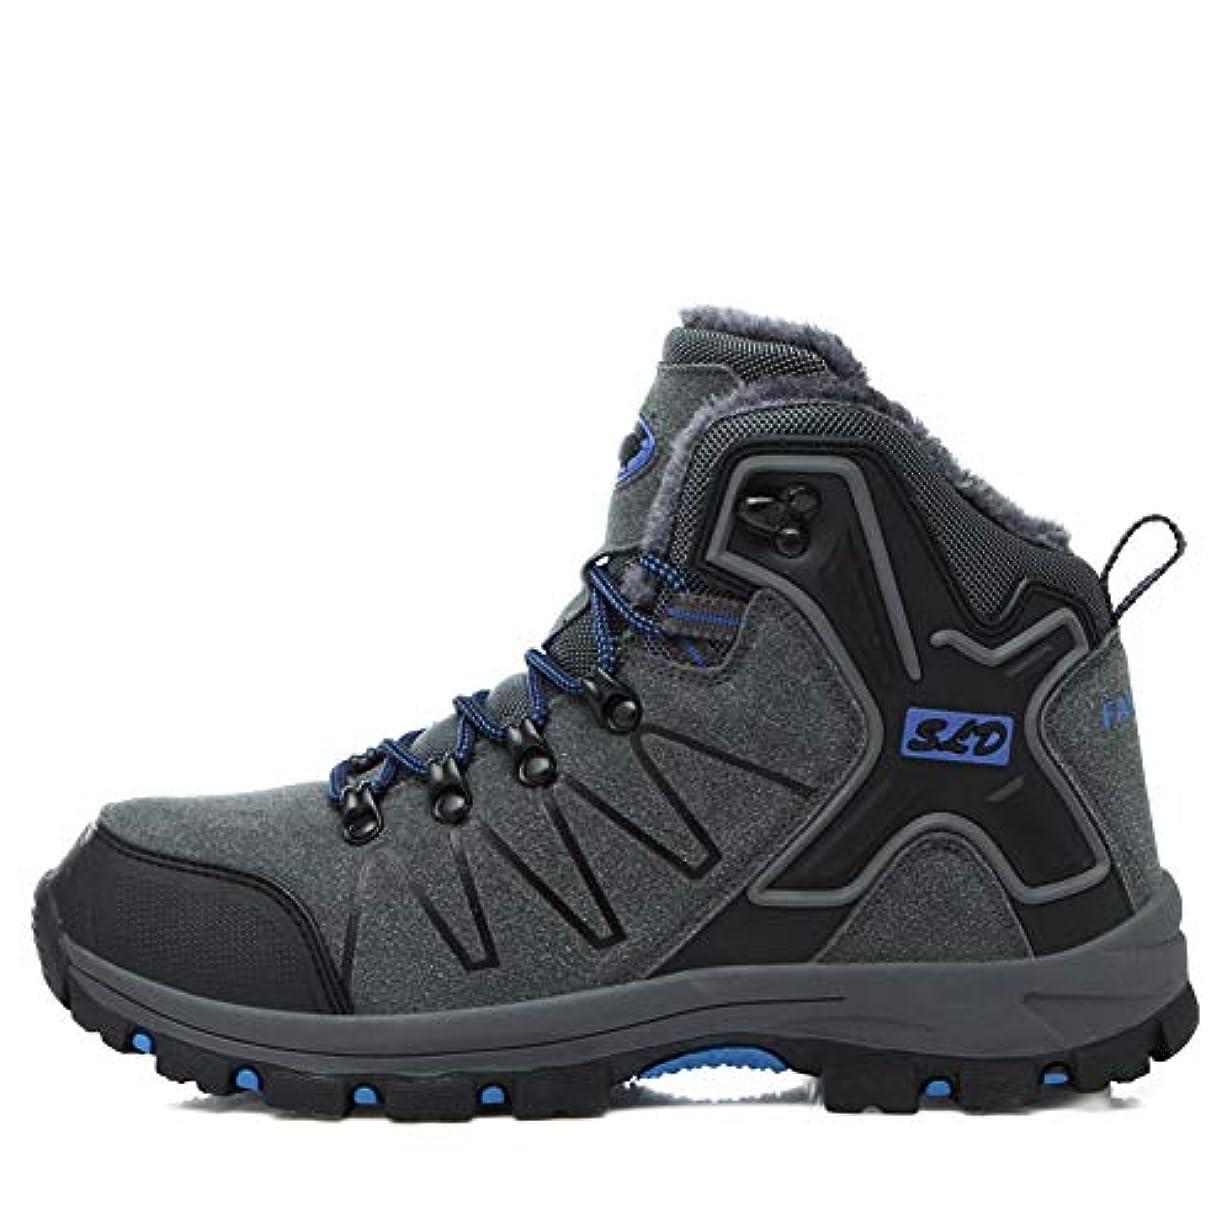 猟犬独立独立[TcIFE] トレッキングシューズ メンズ 防水 防滑 ハイカット 登山靴 大きいサイズ ハイキングシューズ メンズ 耐磨耗 ハイキングシューズ メンズ 通気性 スニーカー